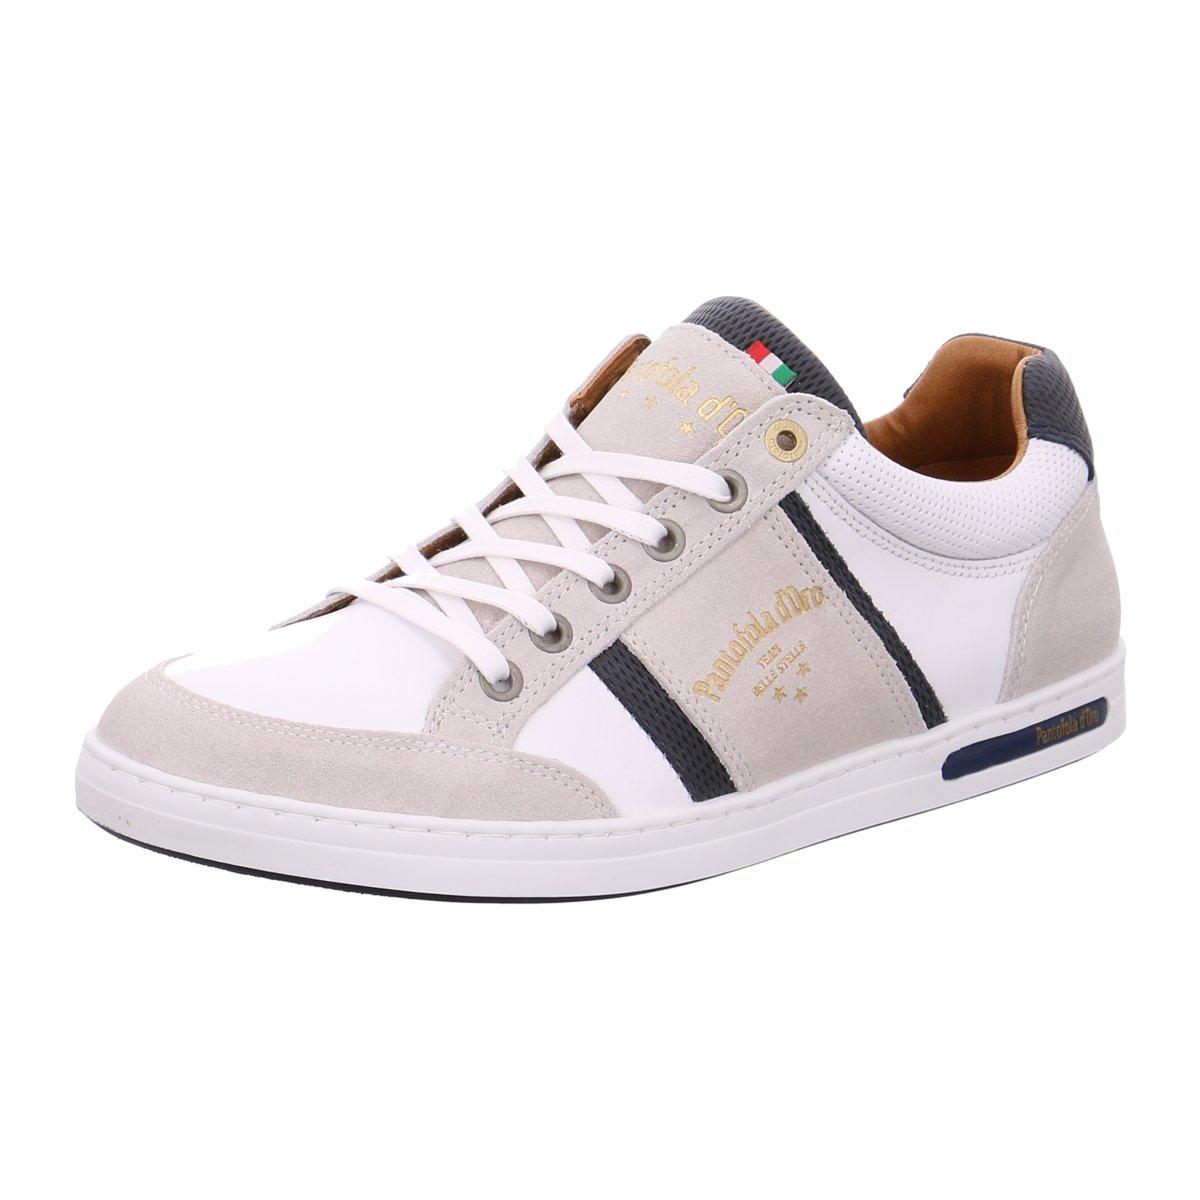 NEU Pantofola d` Oro Herren Sneaker 10181 1015 weiß 410977